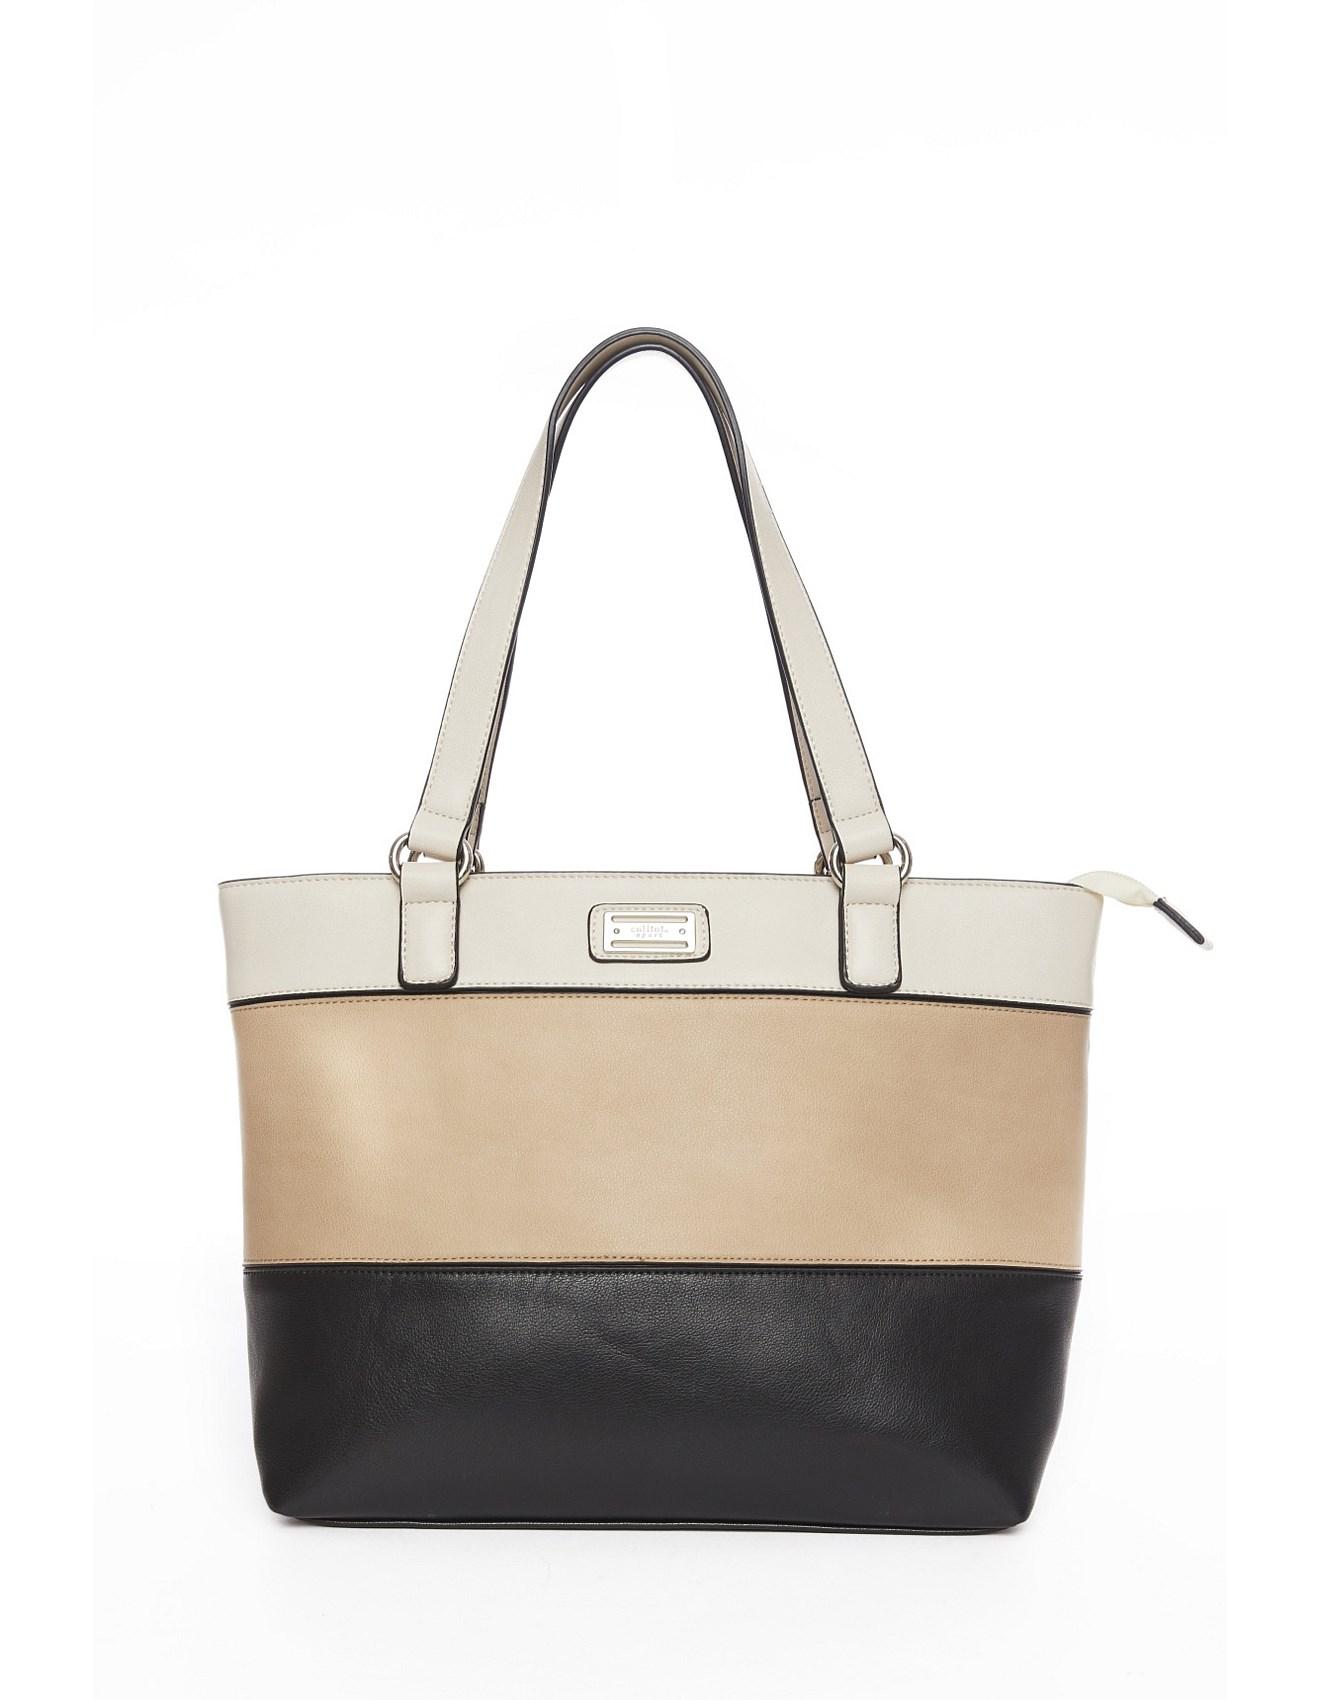 Bags   Accessories - JESSICA TOTE d4ce3301677e0